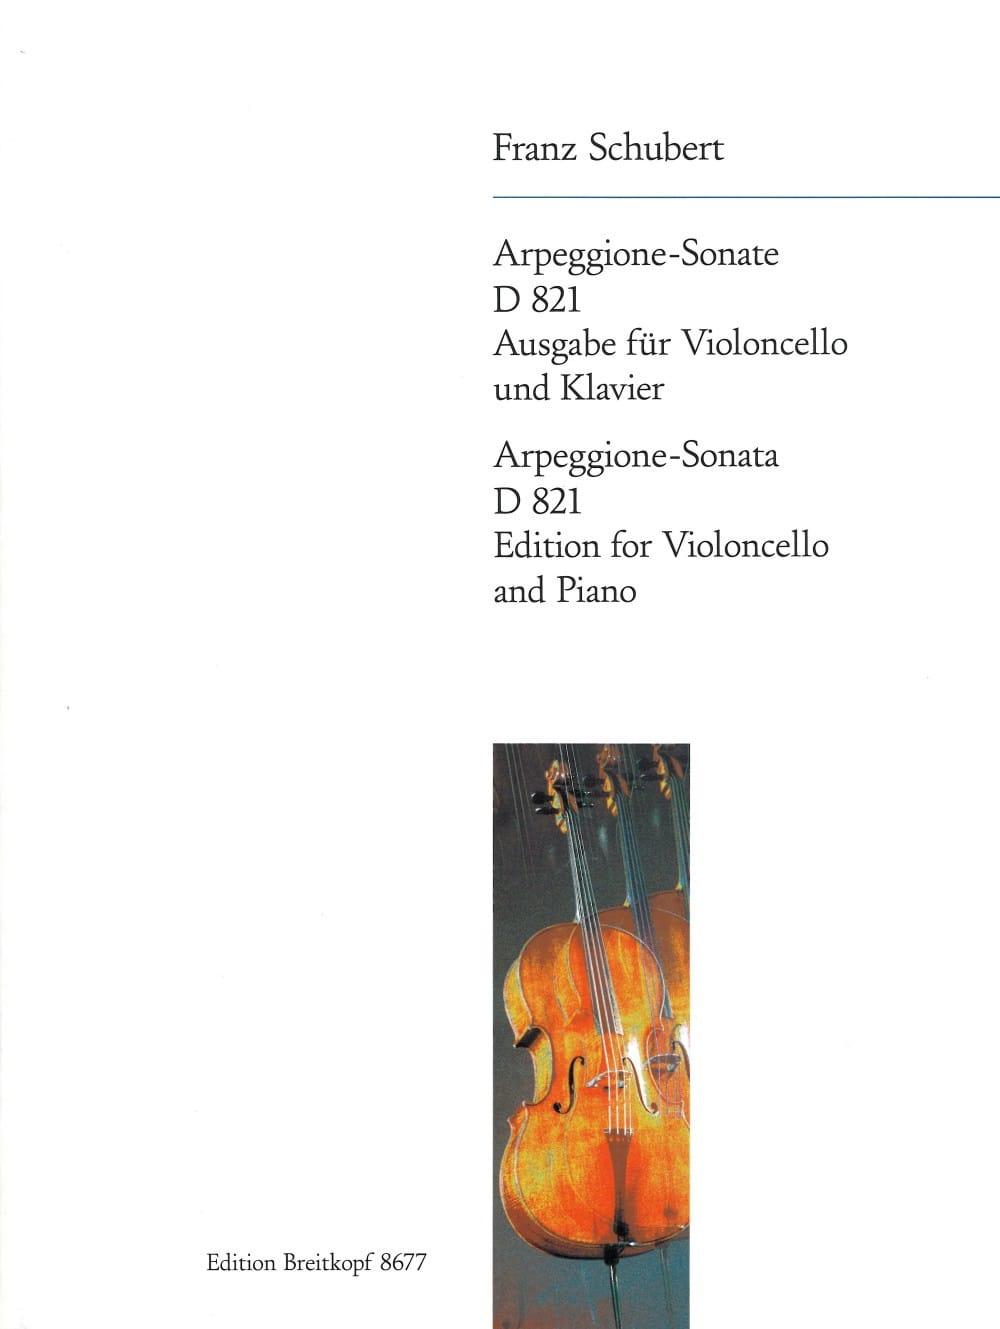 SCHUBERT - Arpeggione-Sonata A Moll D 821 - Cello - Partition - di-arezzo.com